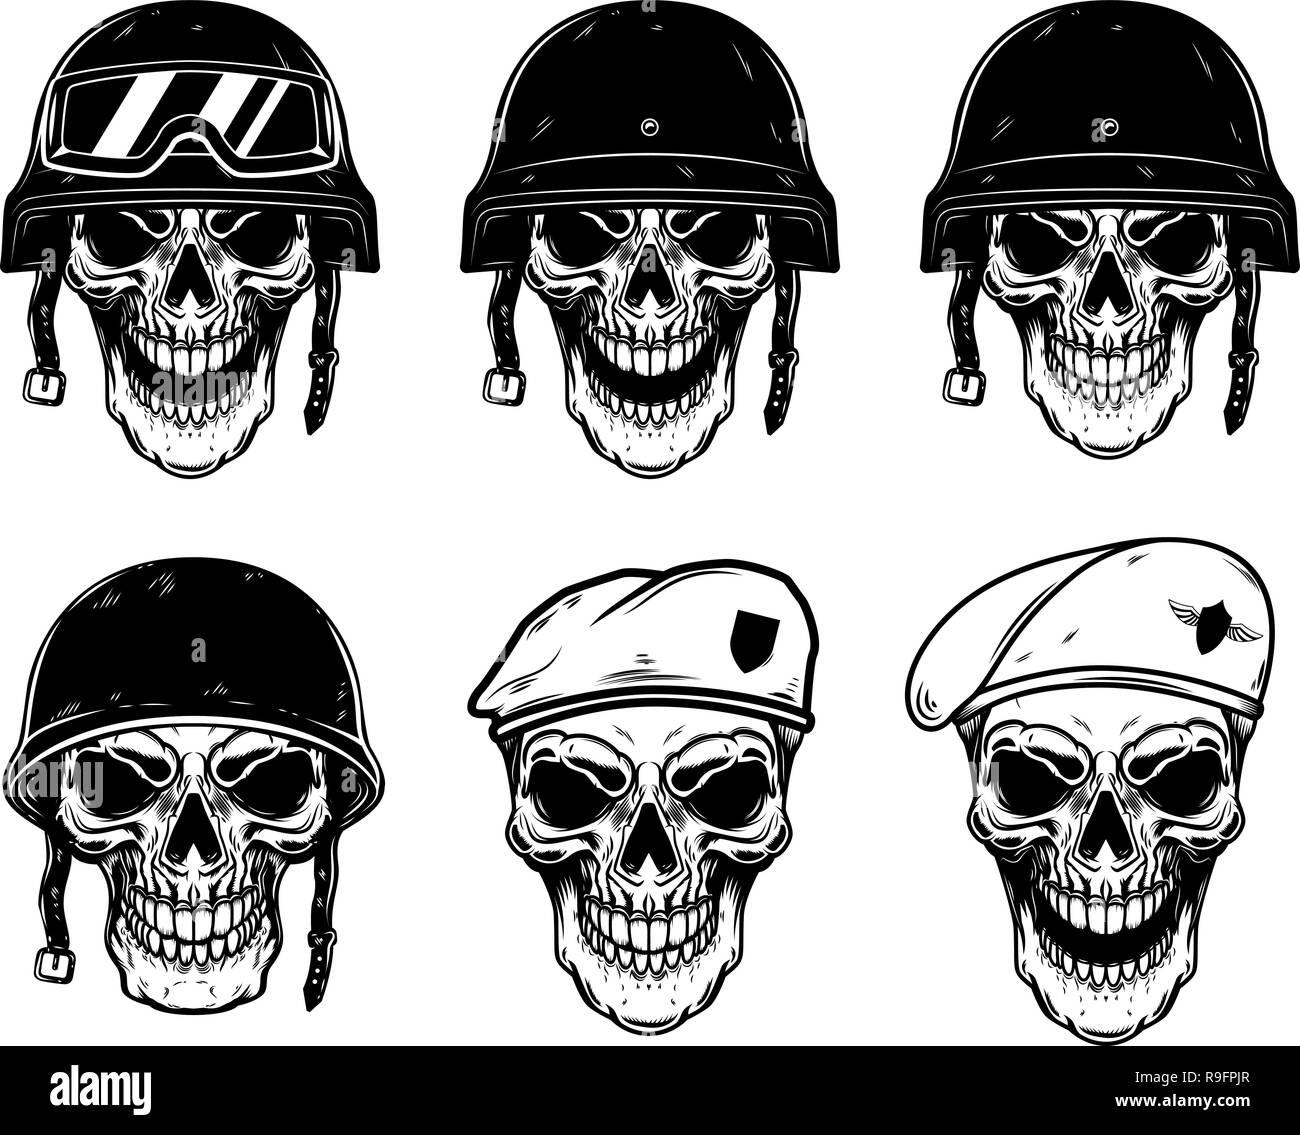 Set of soldier skulls in paratrooper beret, tactical helmet. Design element for logo, label, emblem, sign, poster, t shirt. Vector image - Stock Image